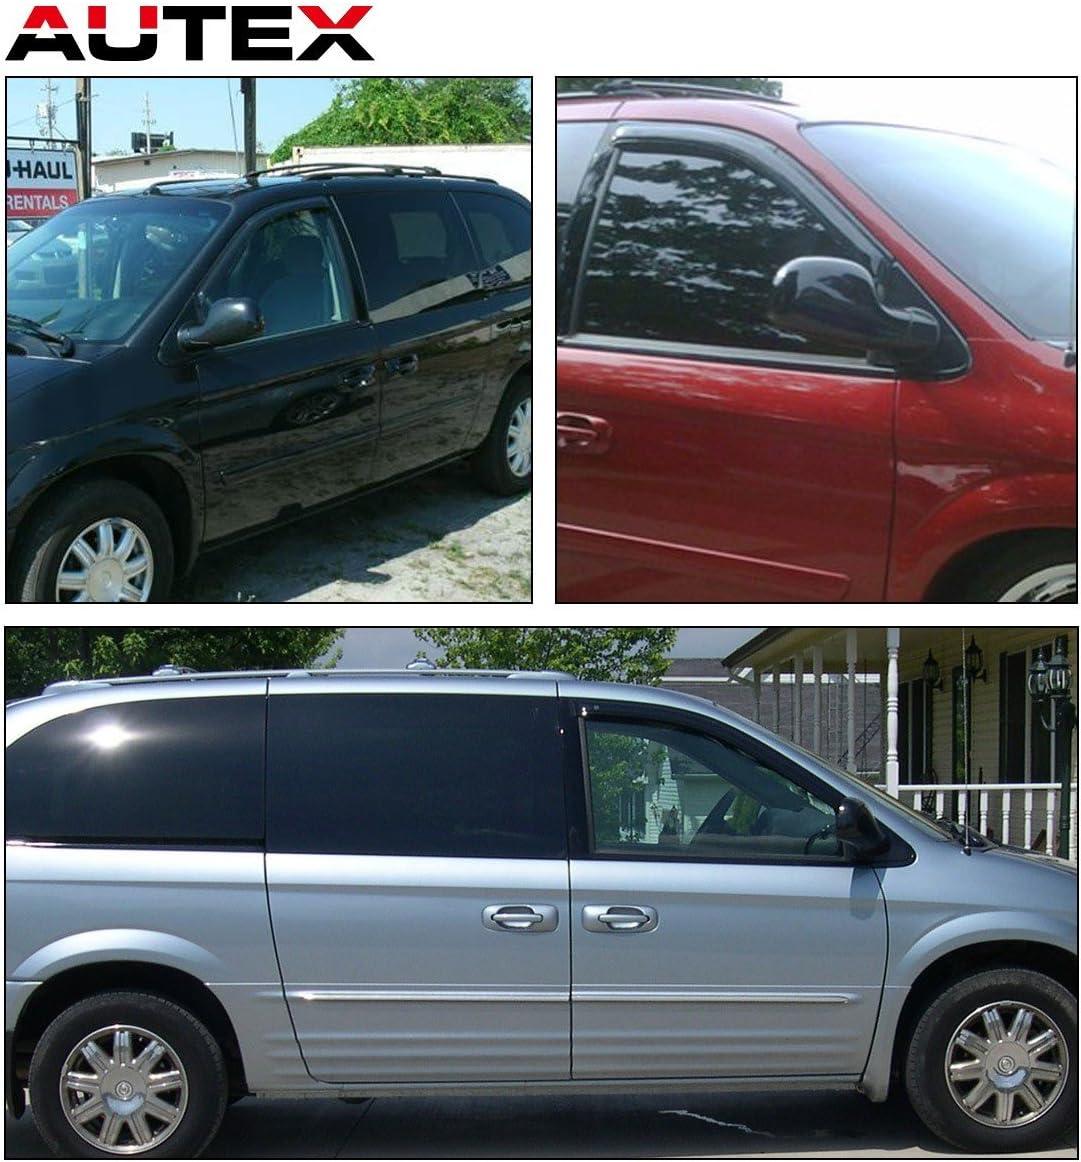 96 97 98 1999 2000 2001 2002 2003 2004 2005 2006 2007 Chrysler Voyager Sun Visor